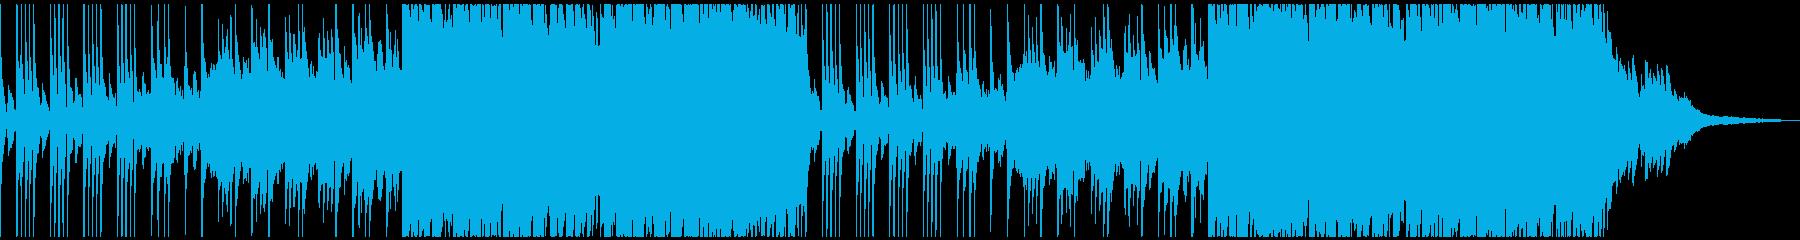 ピアノ ストリングス ヒーリングの再生済みの波形